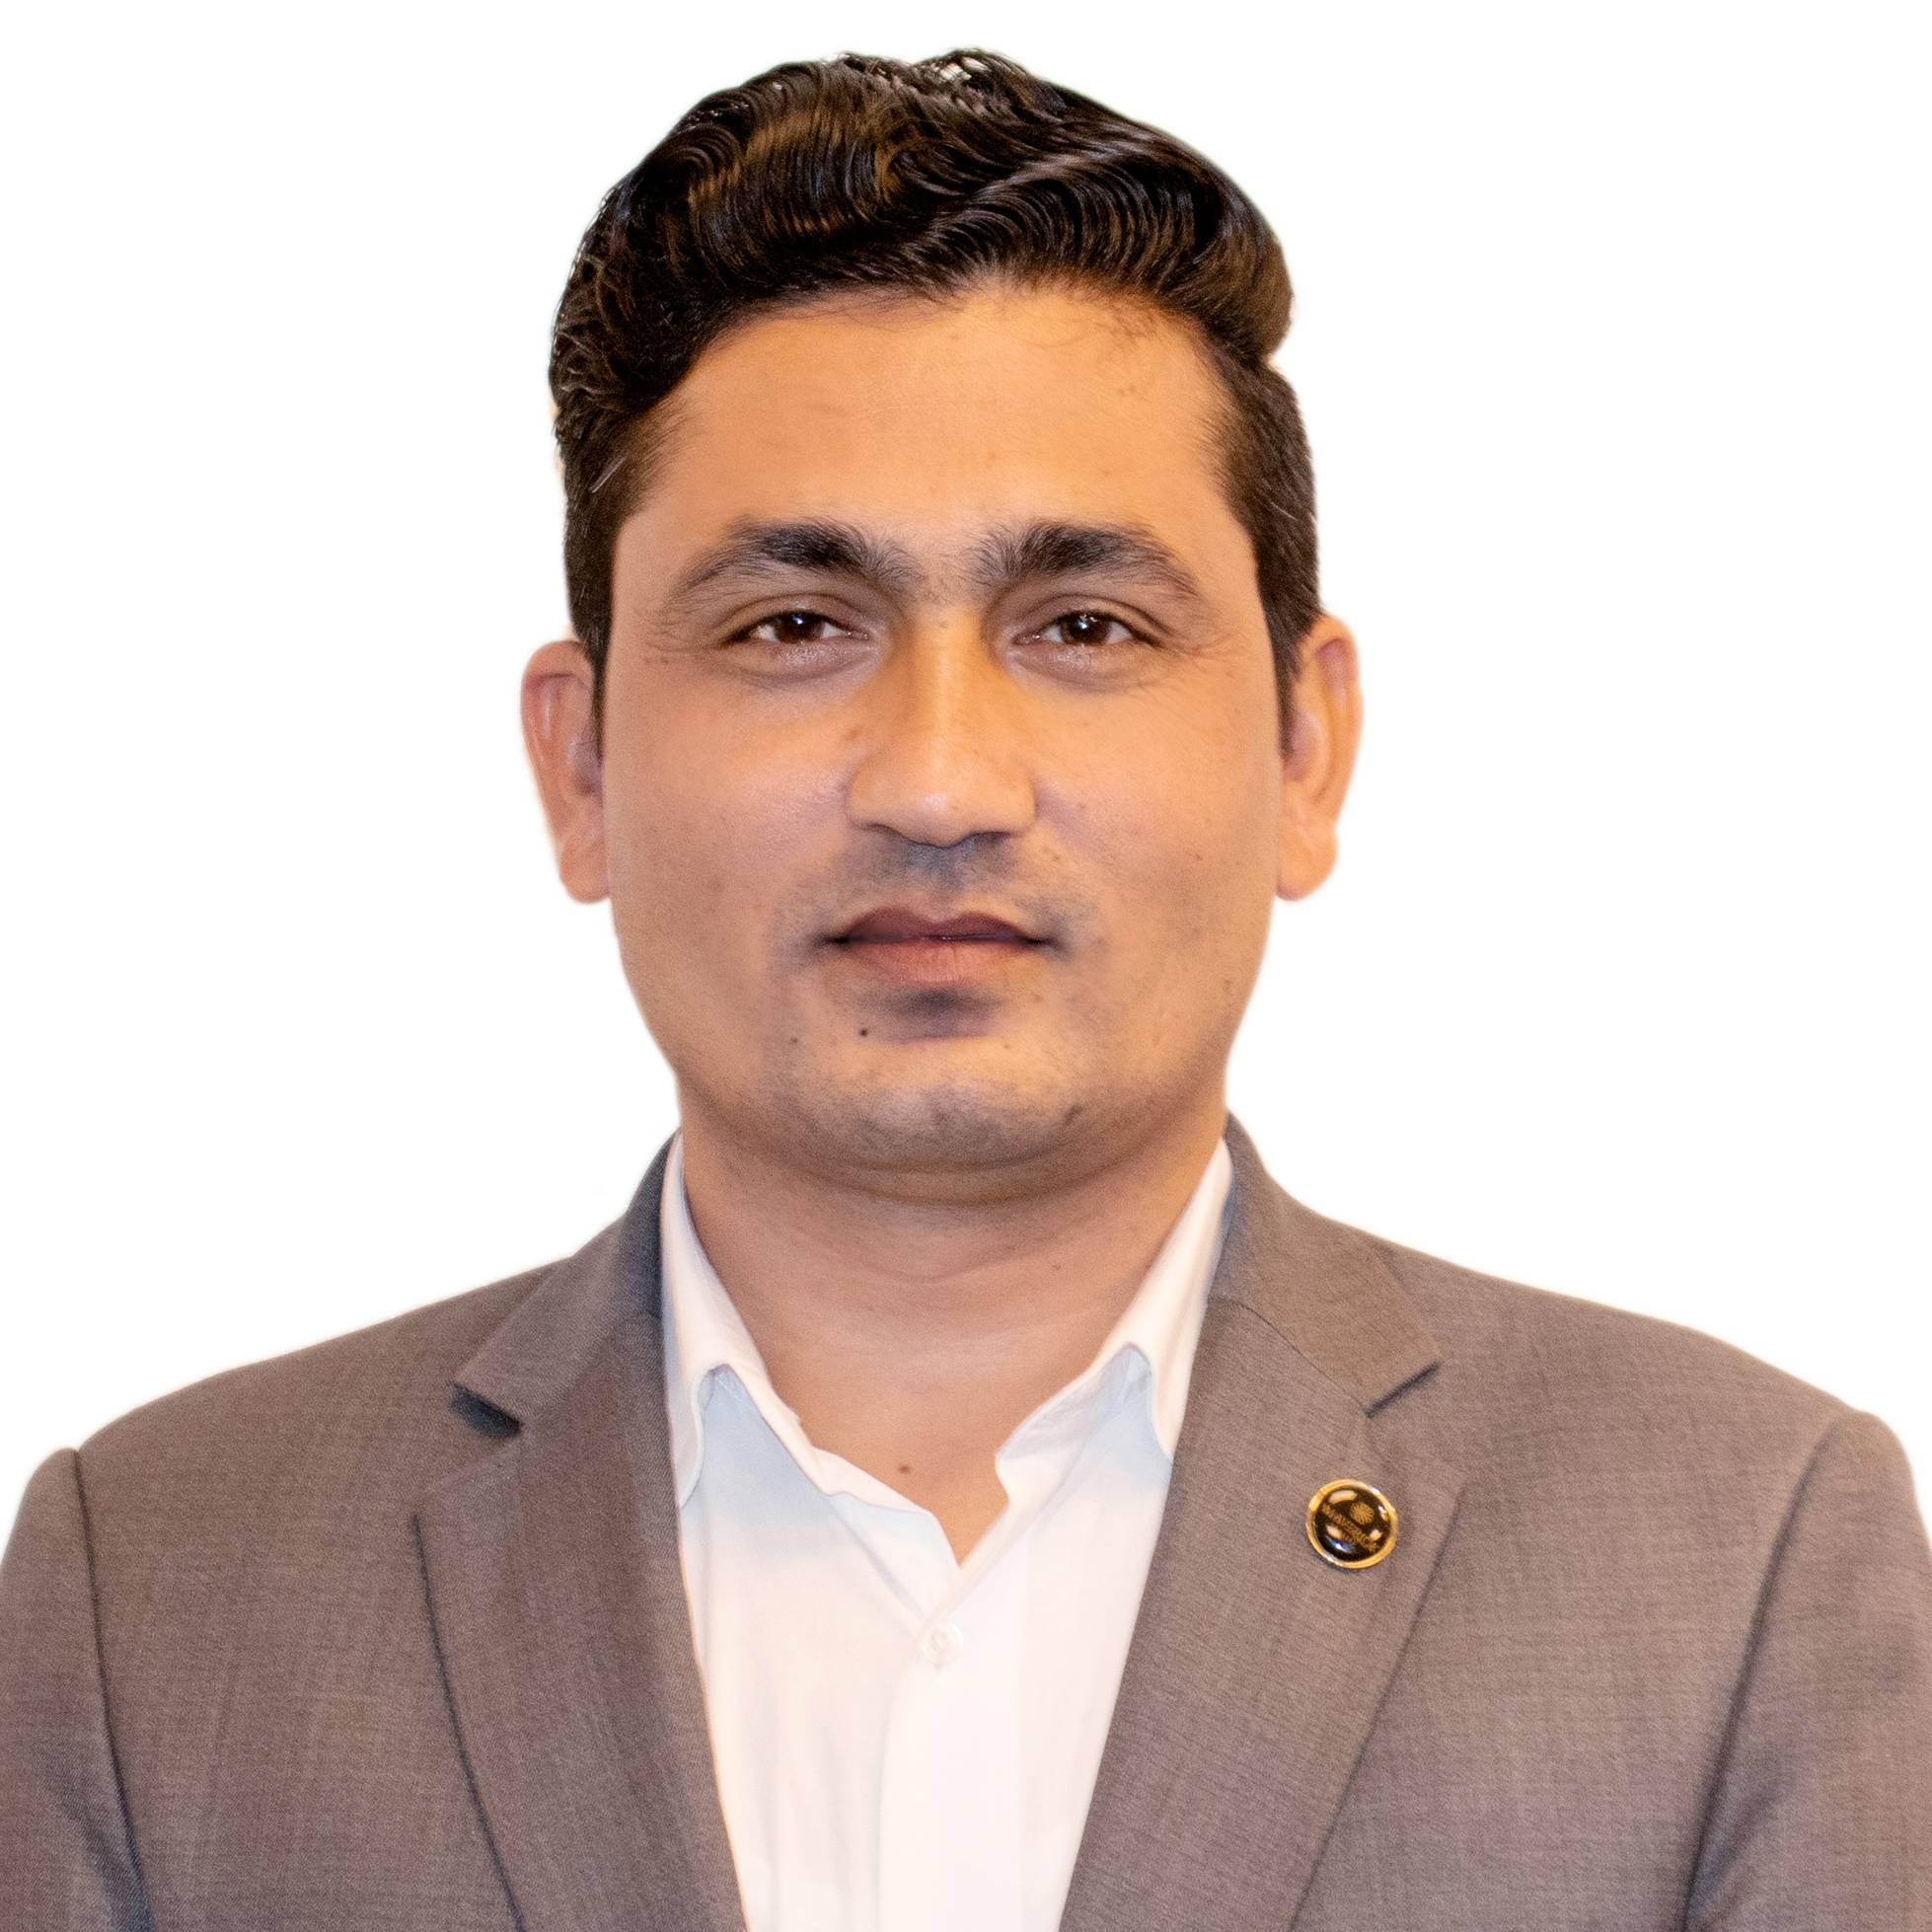 Asif Yaqoob